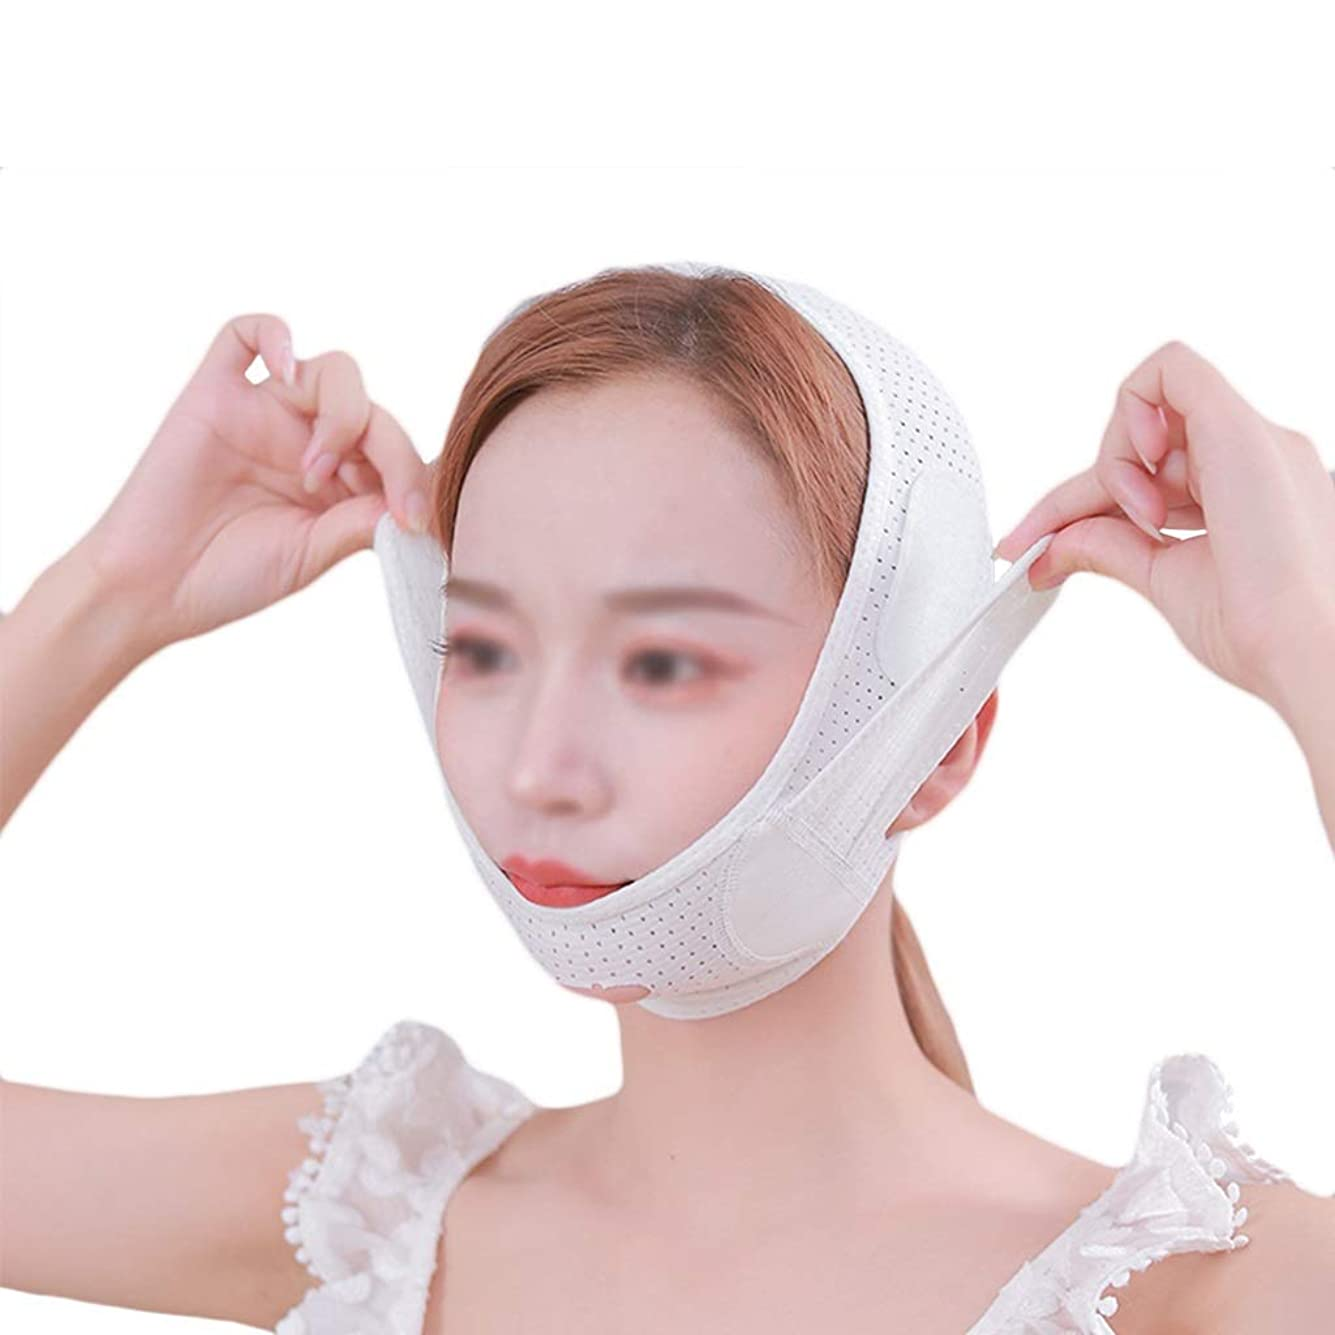 適応熟した天皇フェイシャルリフティング包帯、頬スリミングマスク包帯、フェイスリフティングファーミングフェースリフティング、リフティングダブルチンフェイシャルマスク(ホワイト、フリーサイズ)